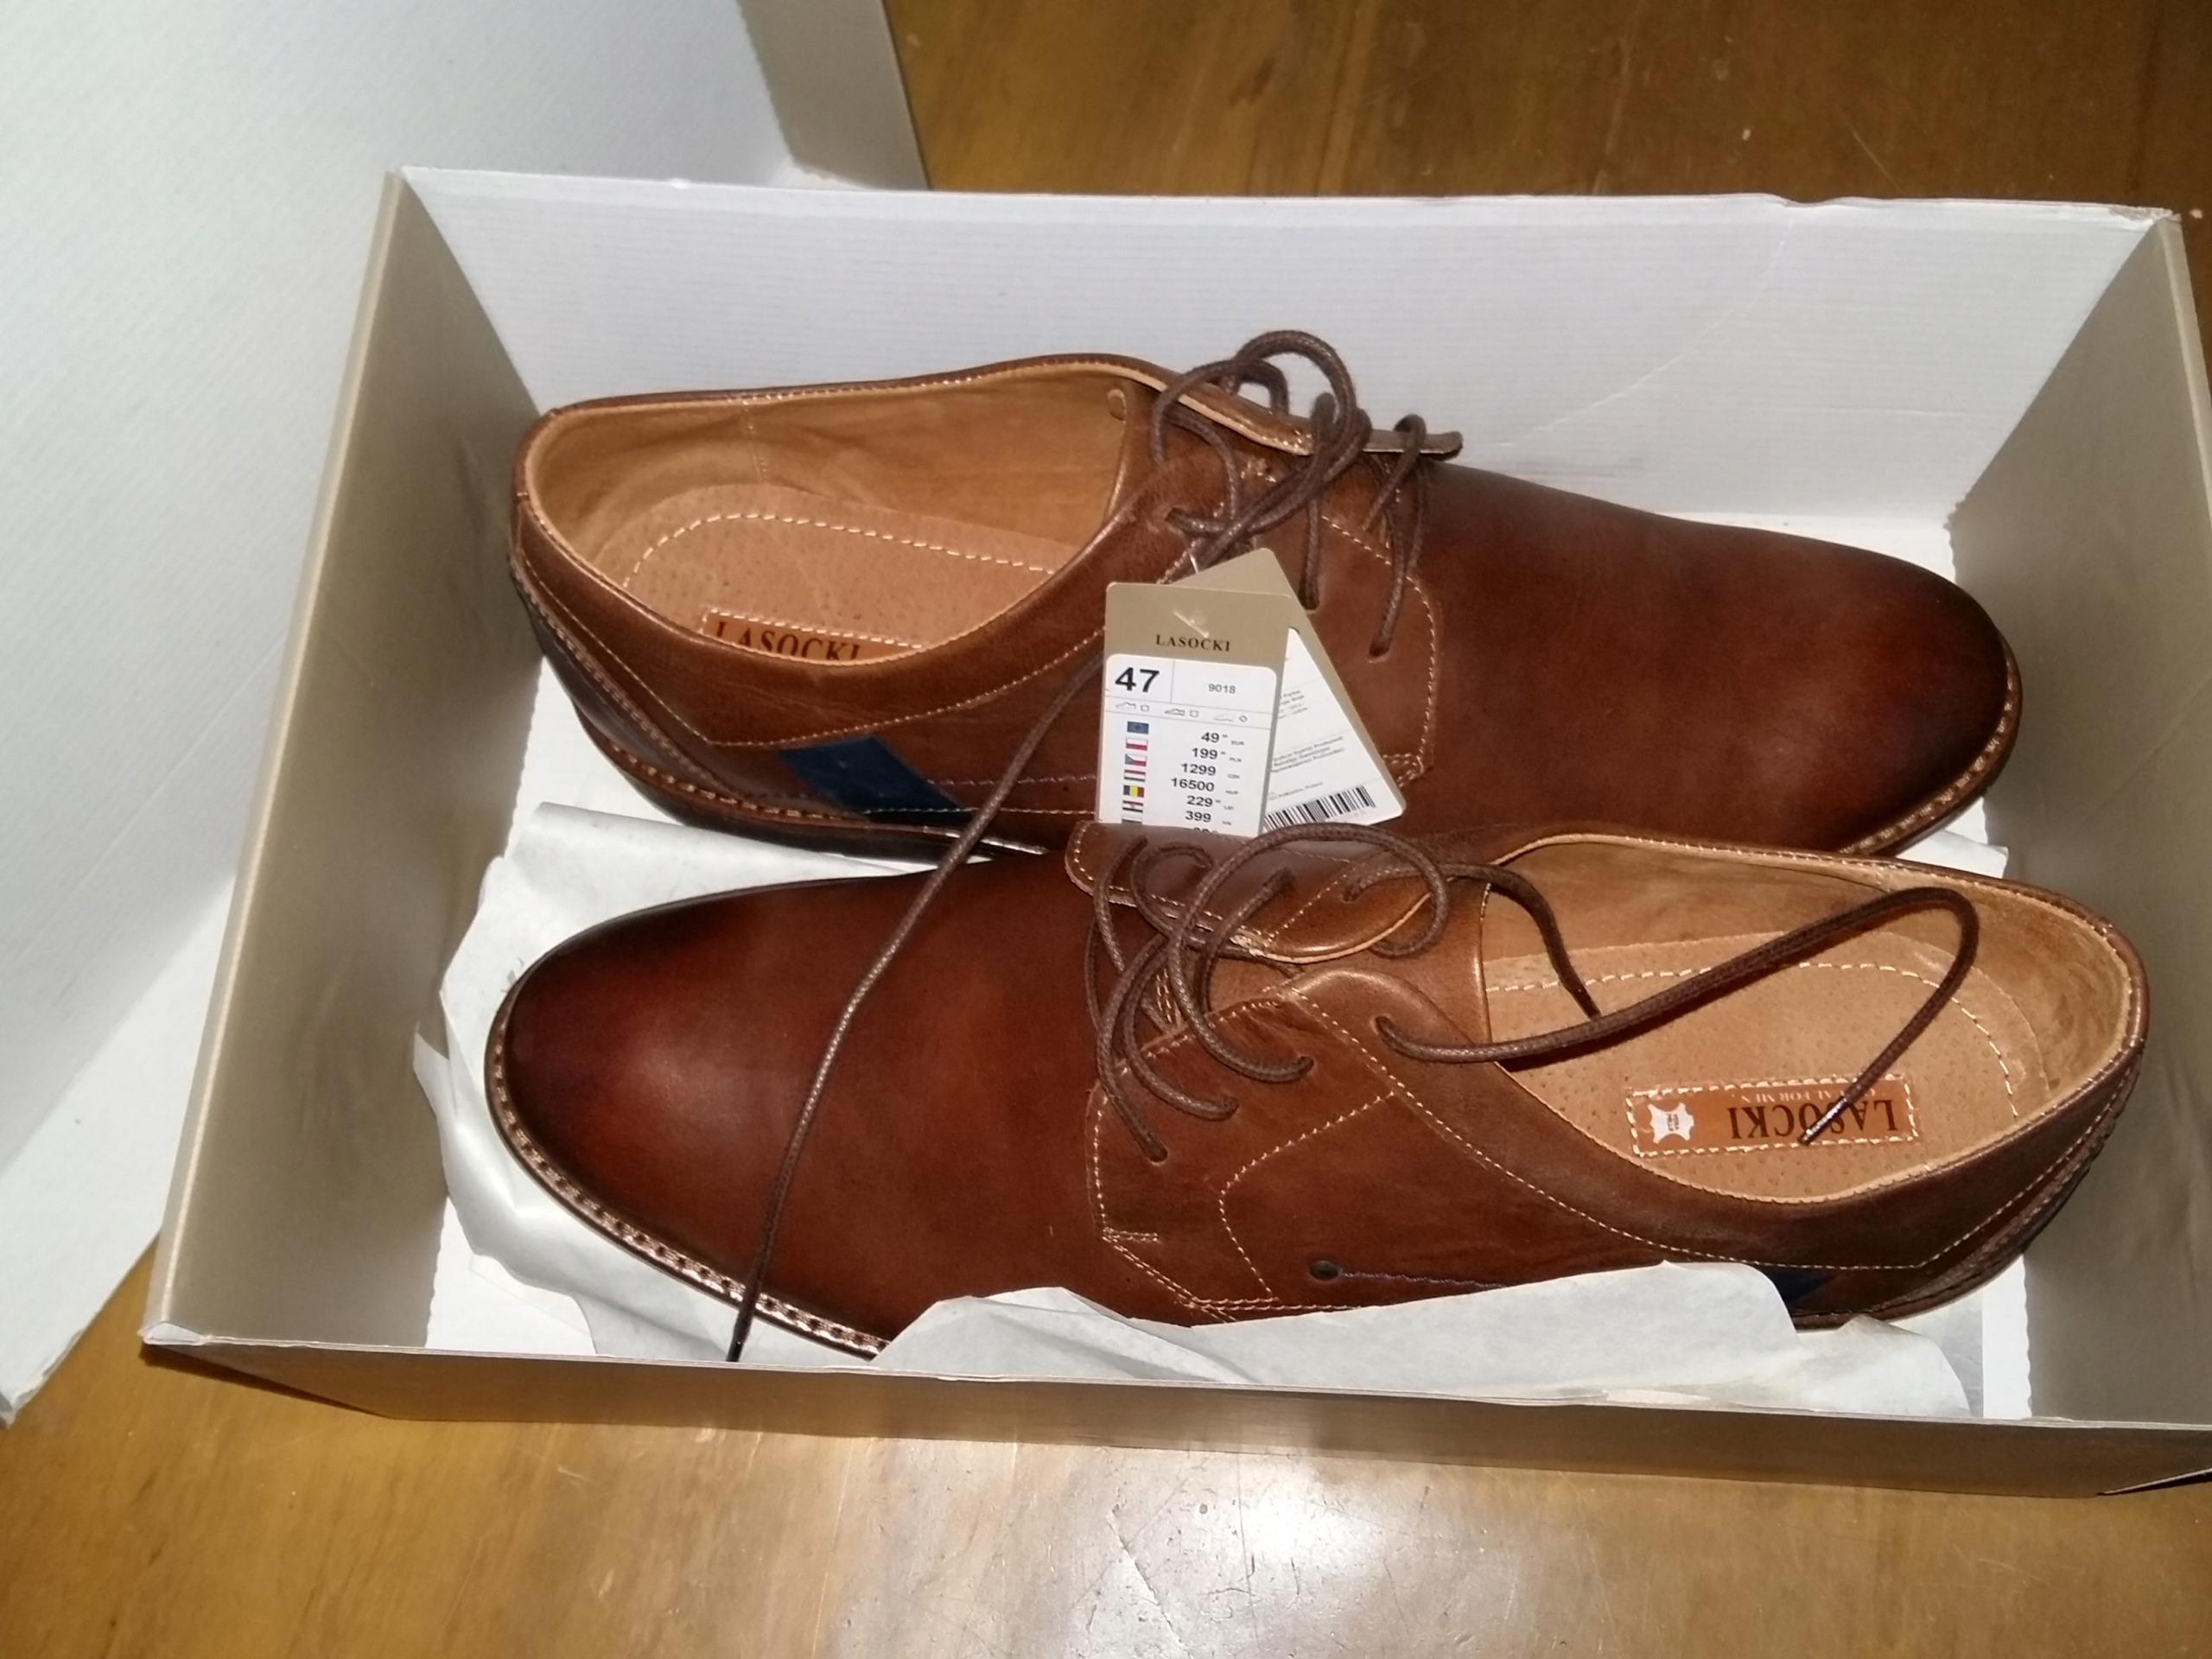 47 LASOCKI CCC buty męskie nowe